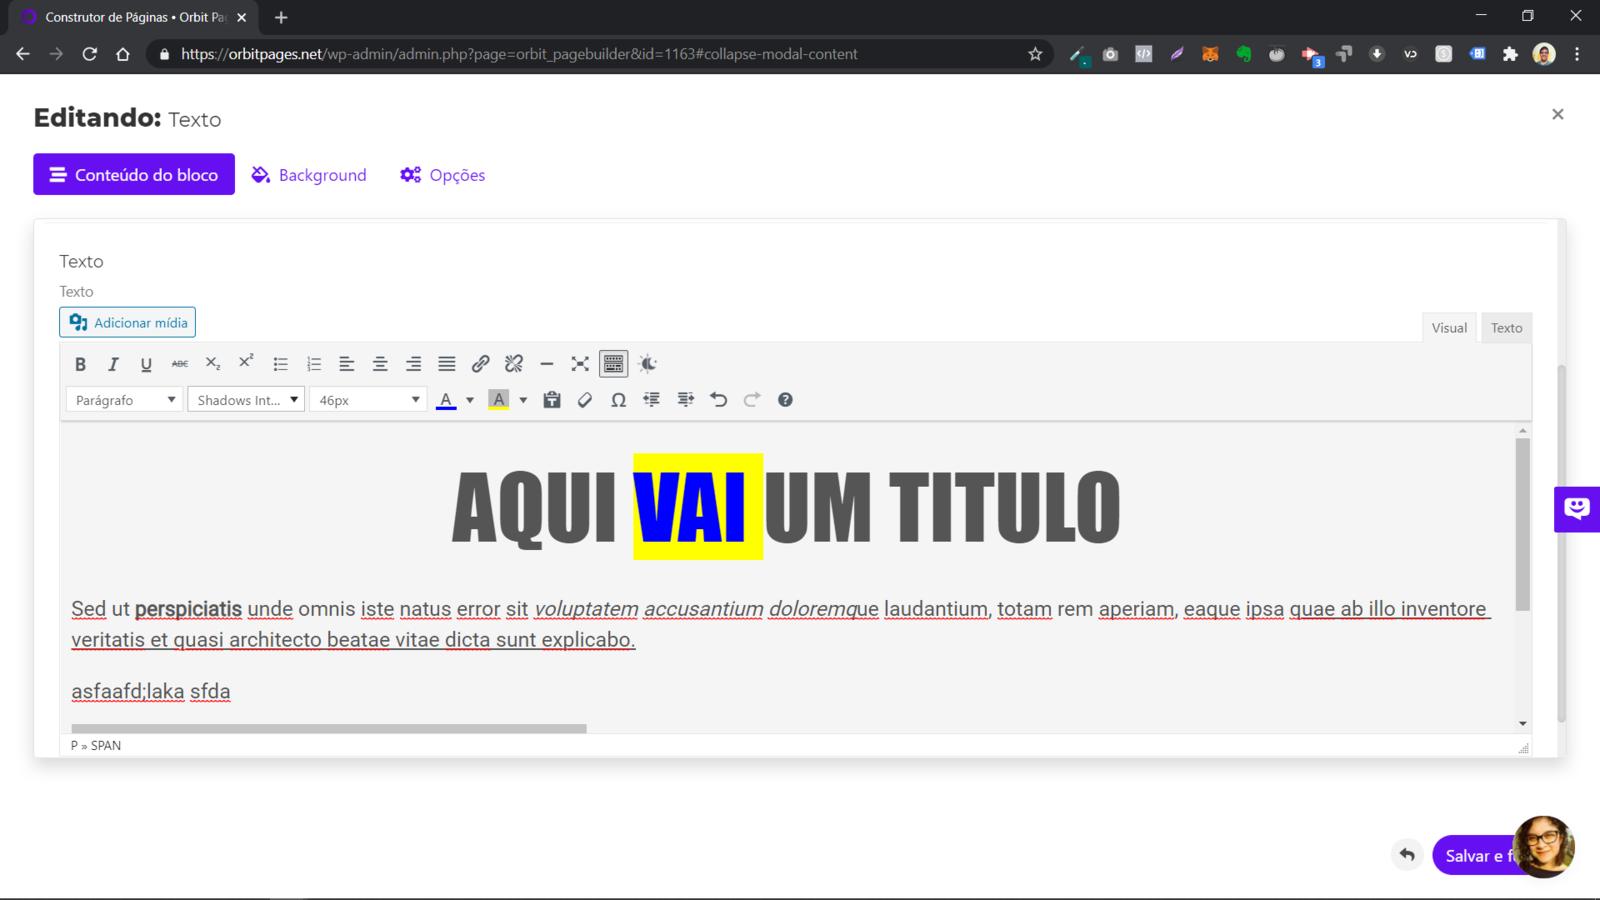 Um Editor de Textos como o Word ou Google Docs